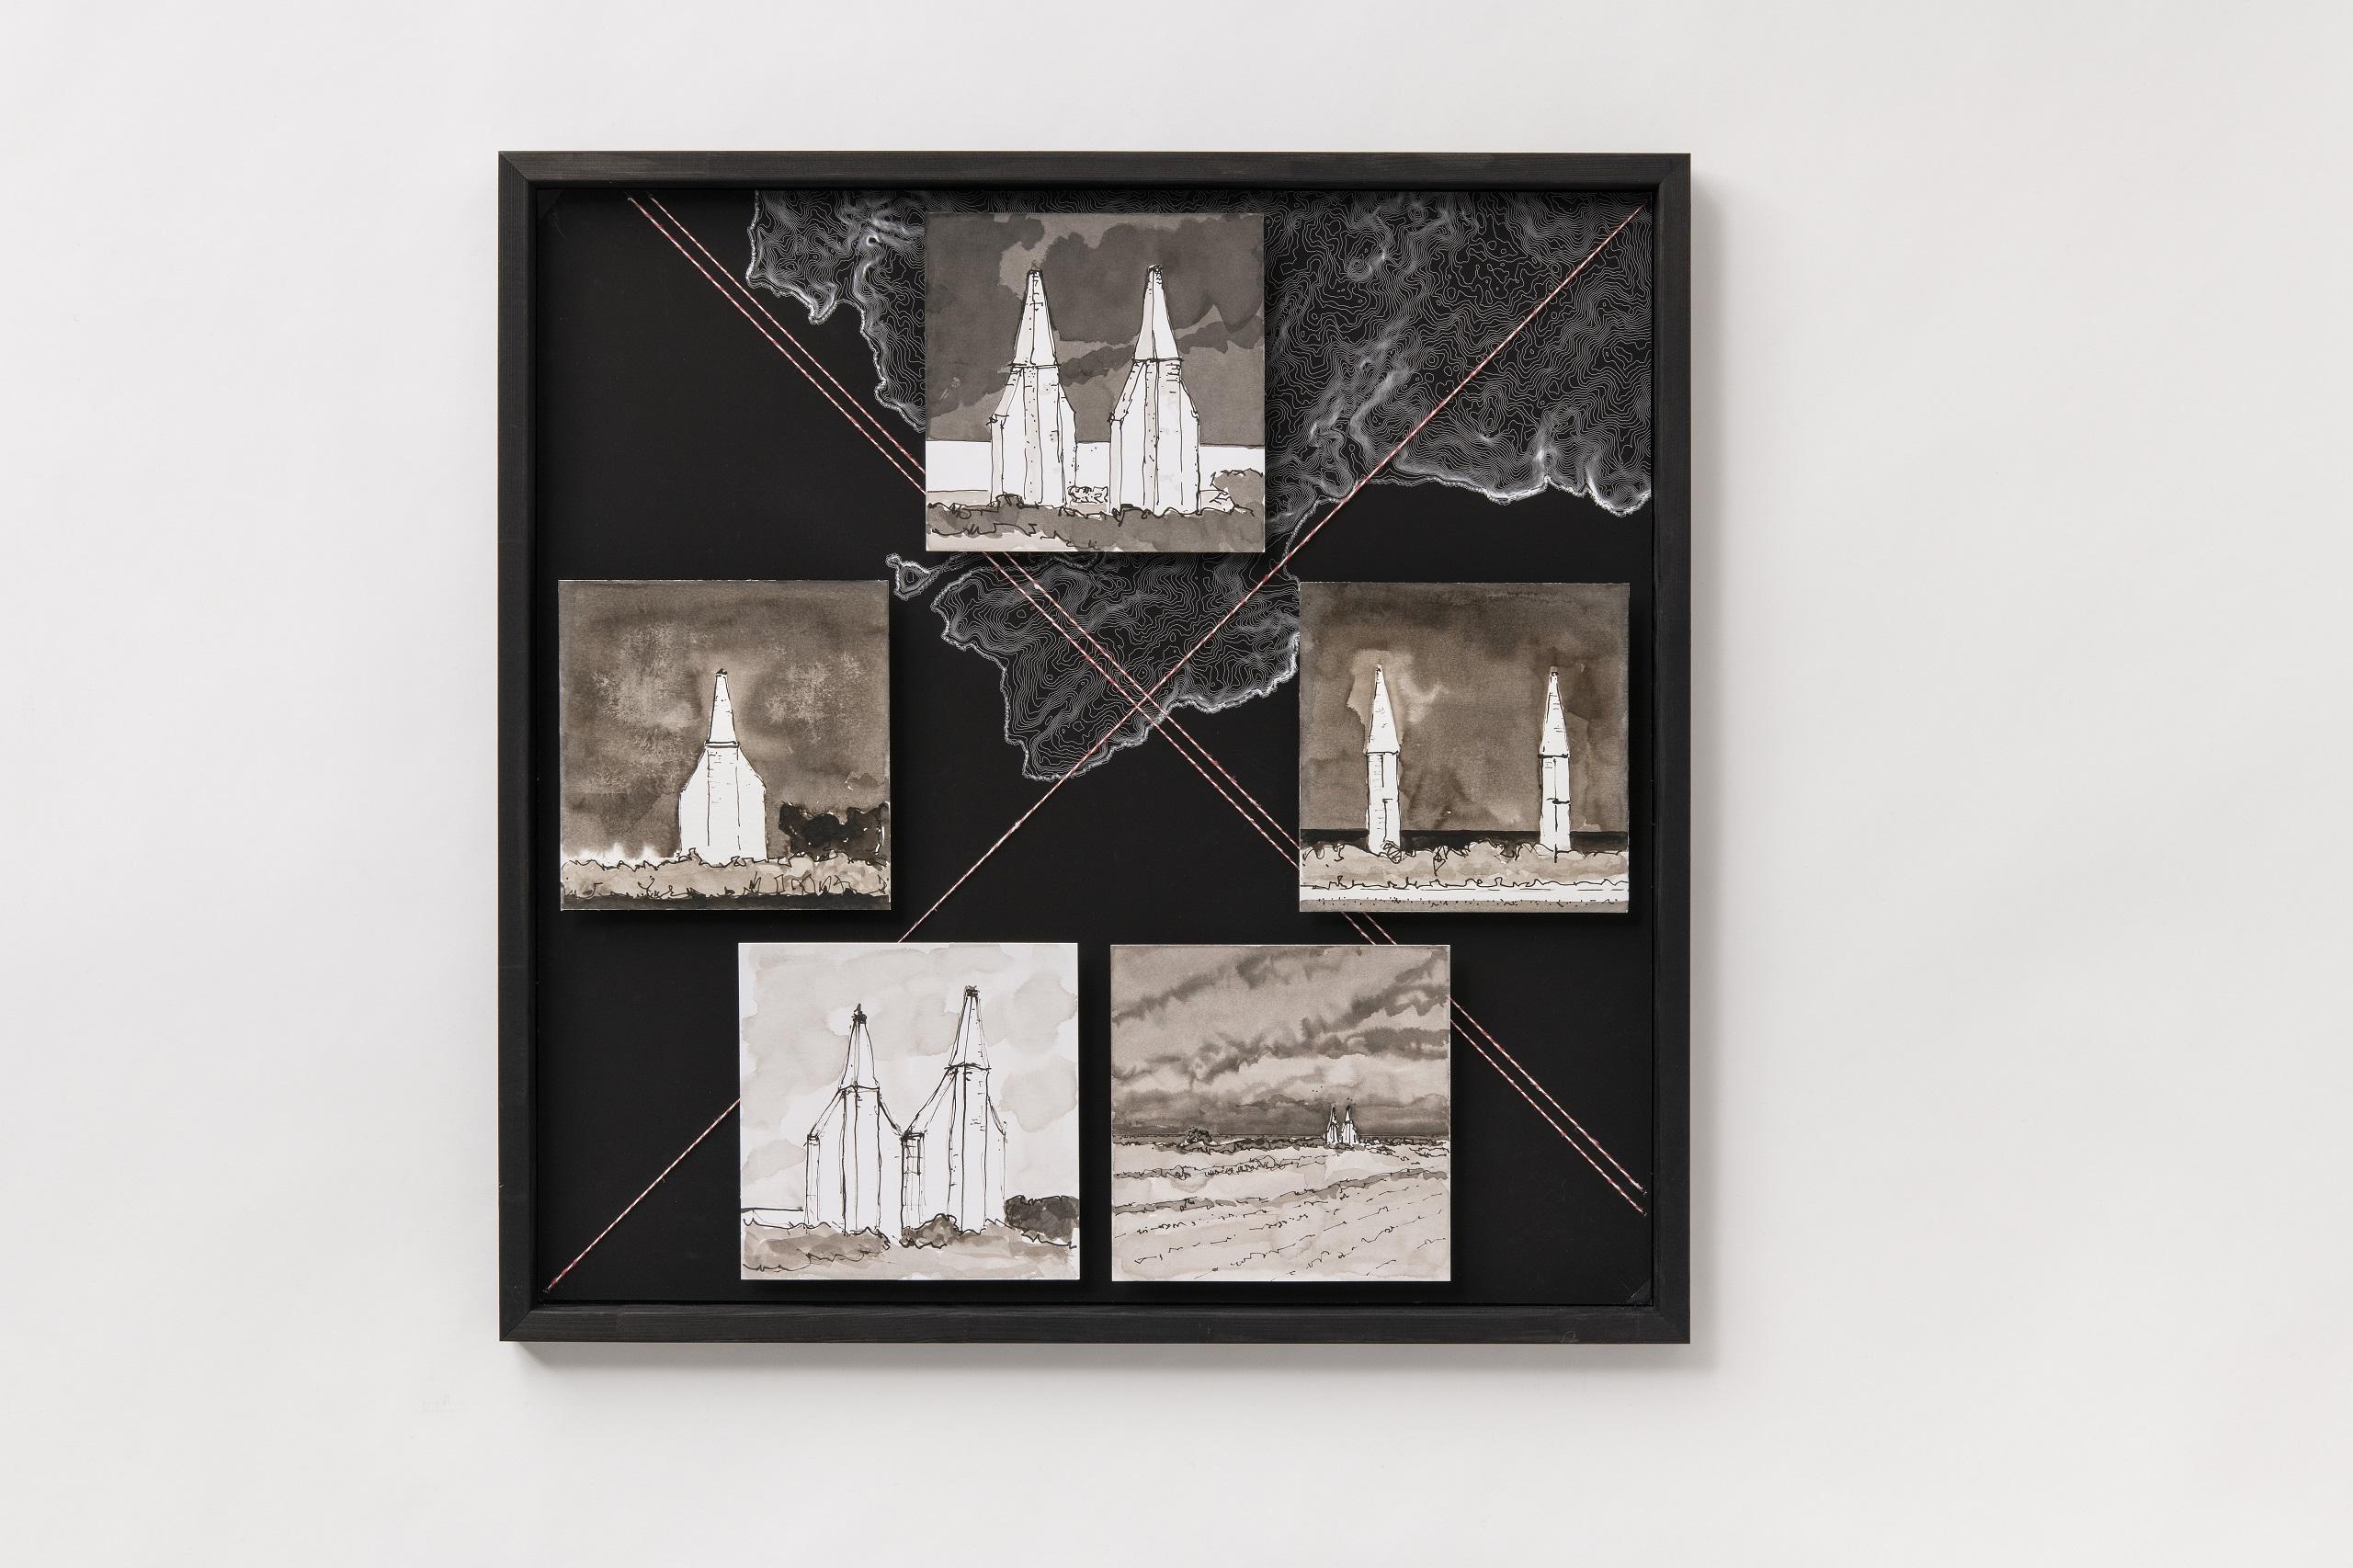 Florian Stocker, Die Kehre, Tuschezeichnung mit Lavage und Kalligraphie auf Druckgraphik, Schnurstickerei, 68 cm x 28 cm